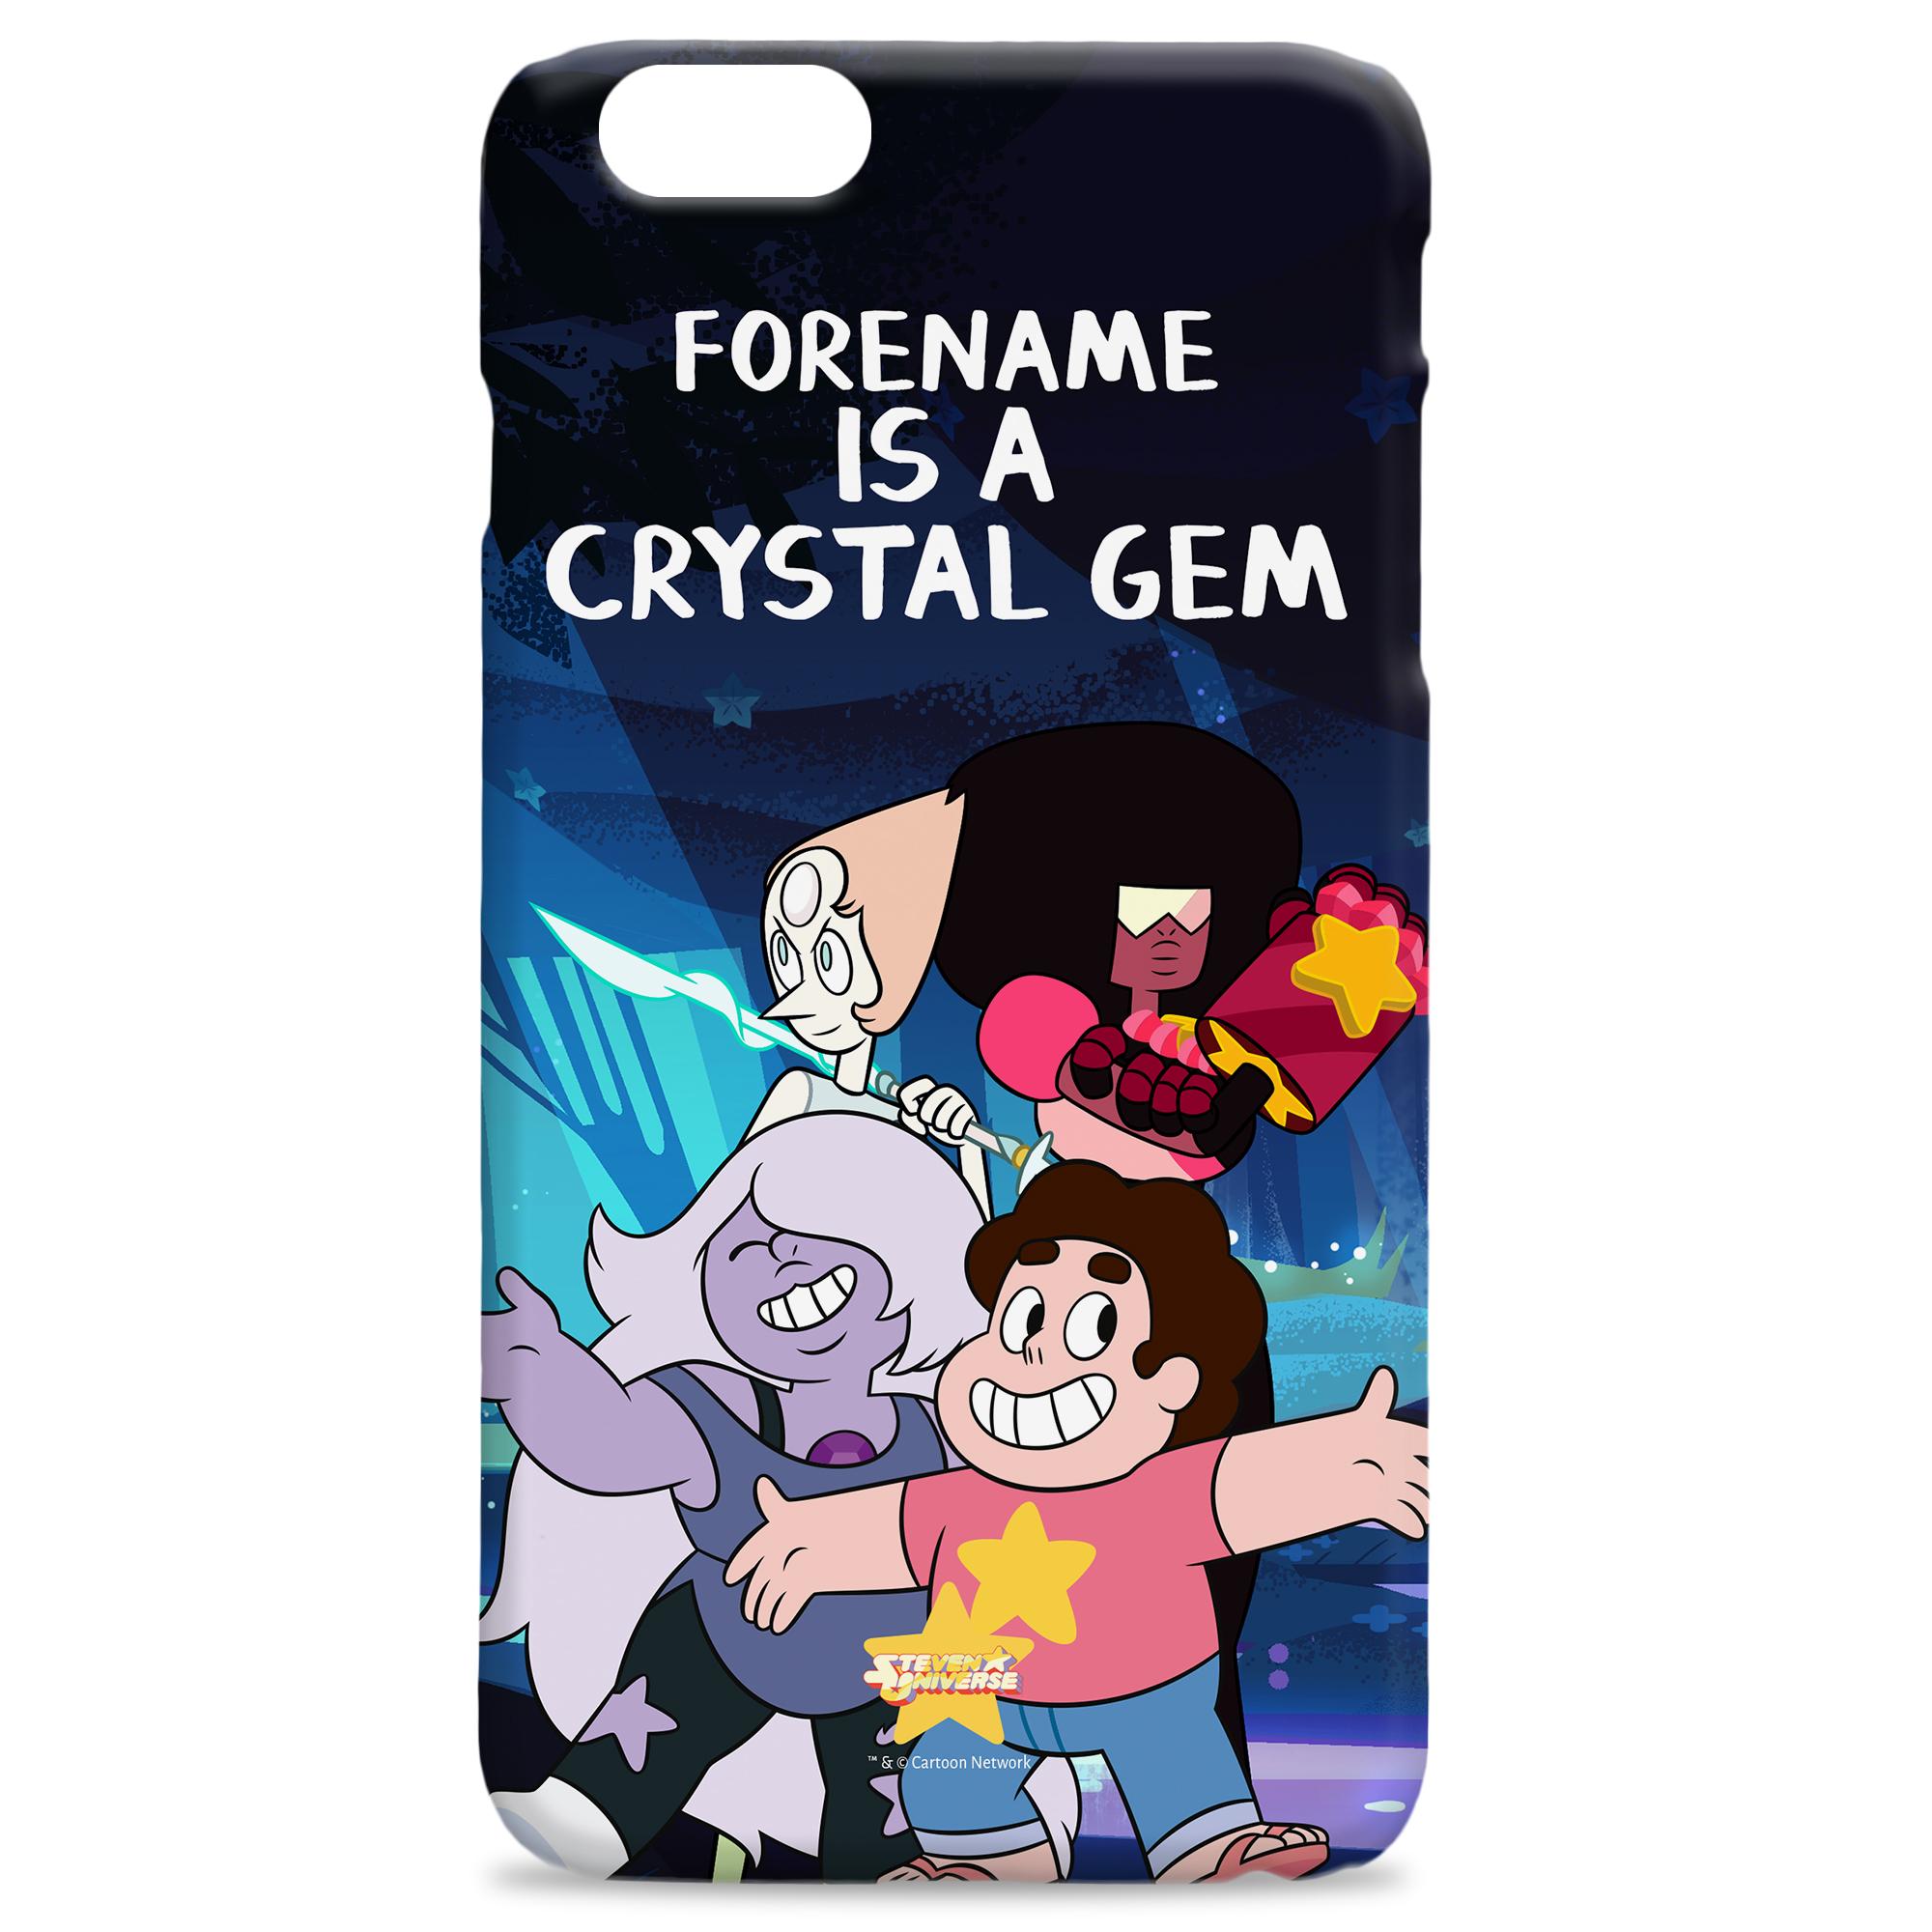 Steven Universe Crystal Gem iPhone Case